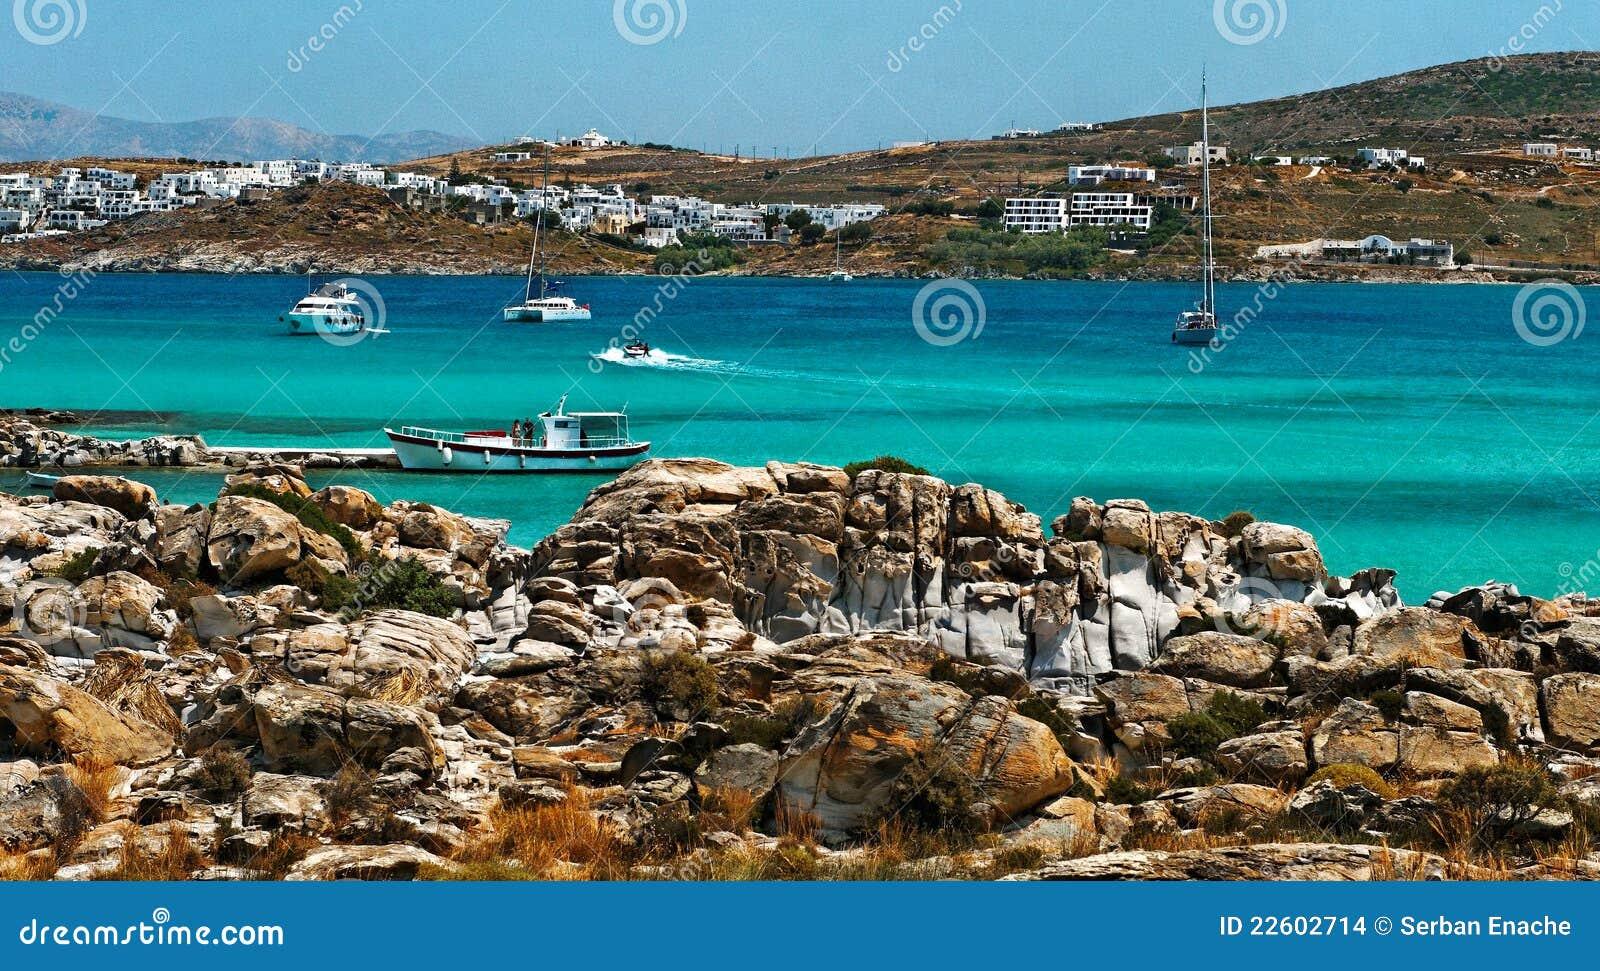 Ελλάδα, Paros